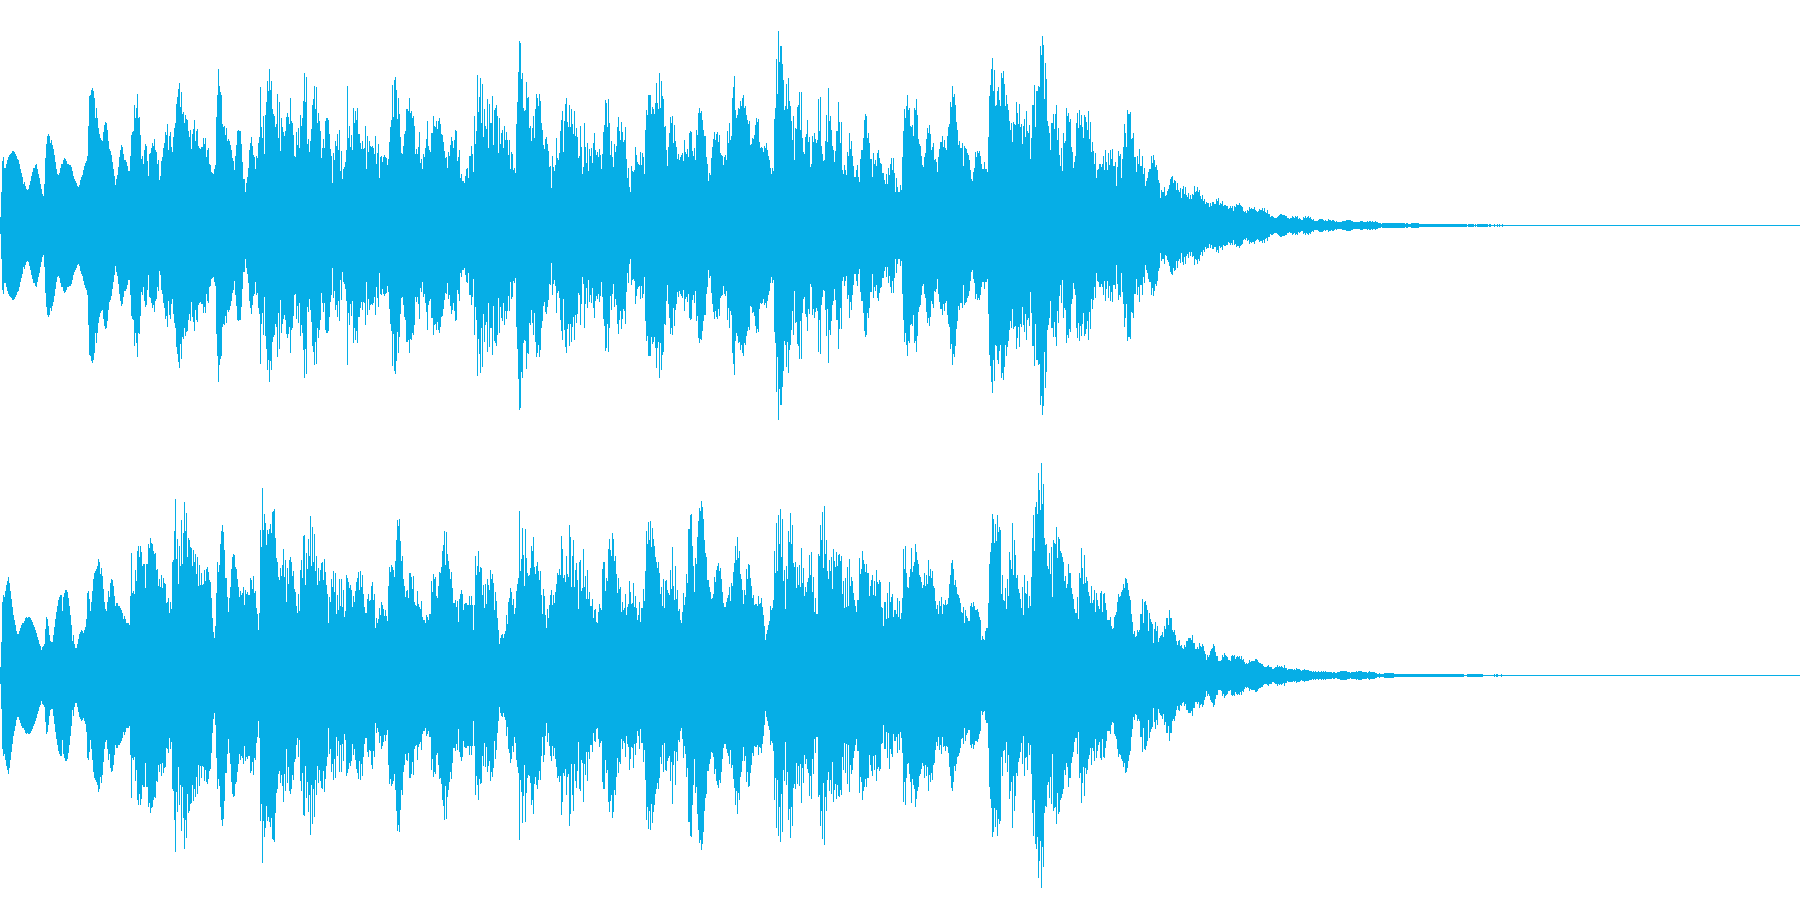 着信音 美しいメロディの後にキラキラの再生済みの波形